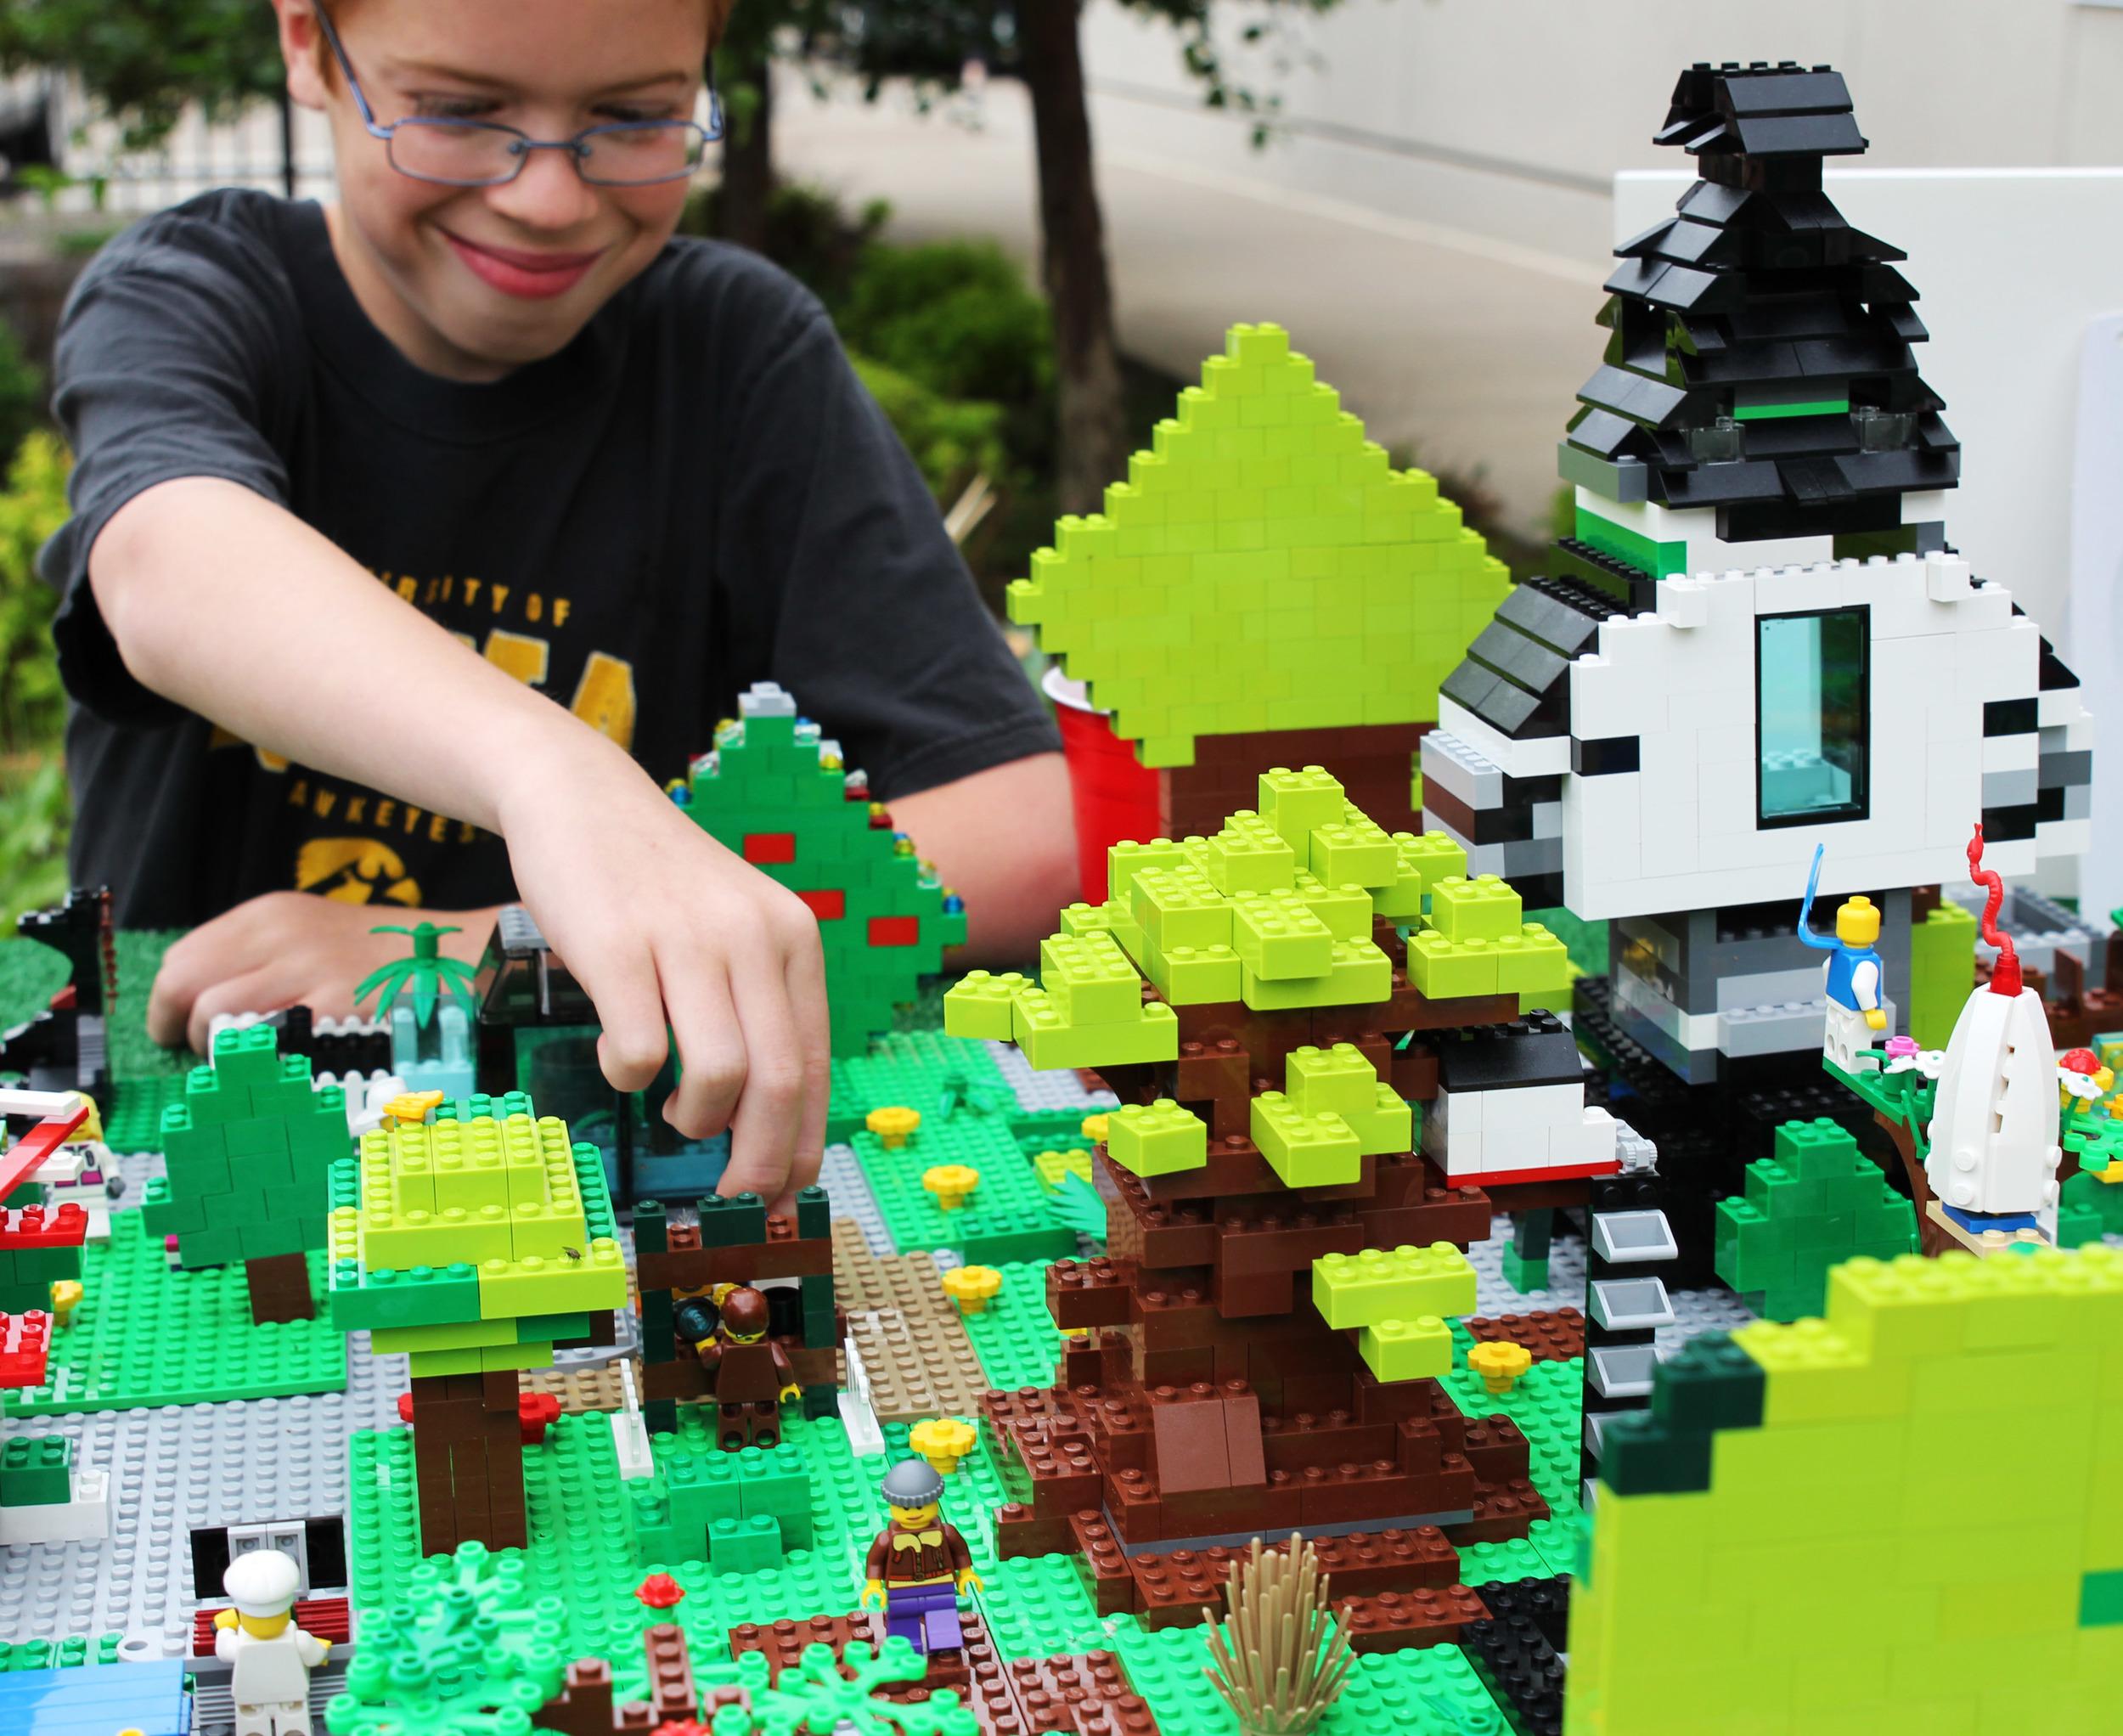 Legos Represent